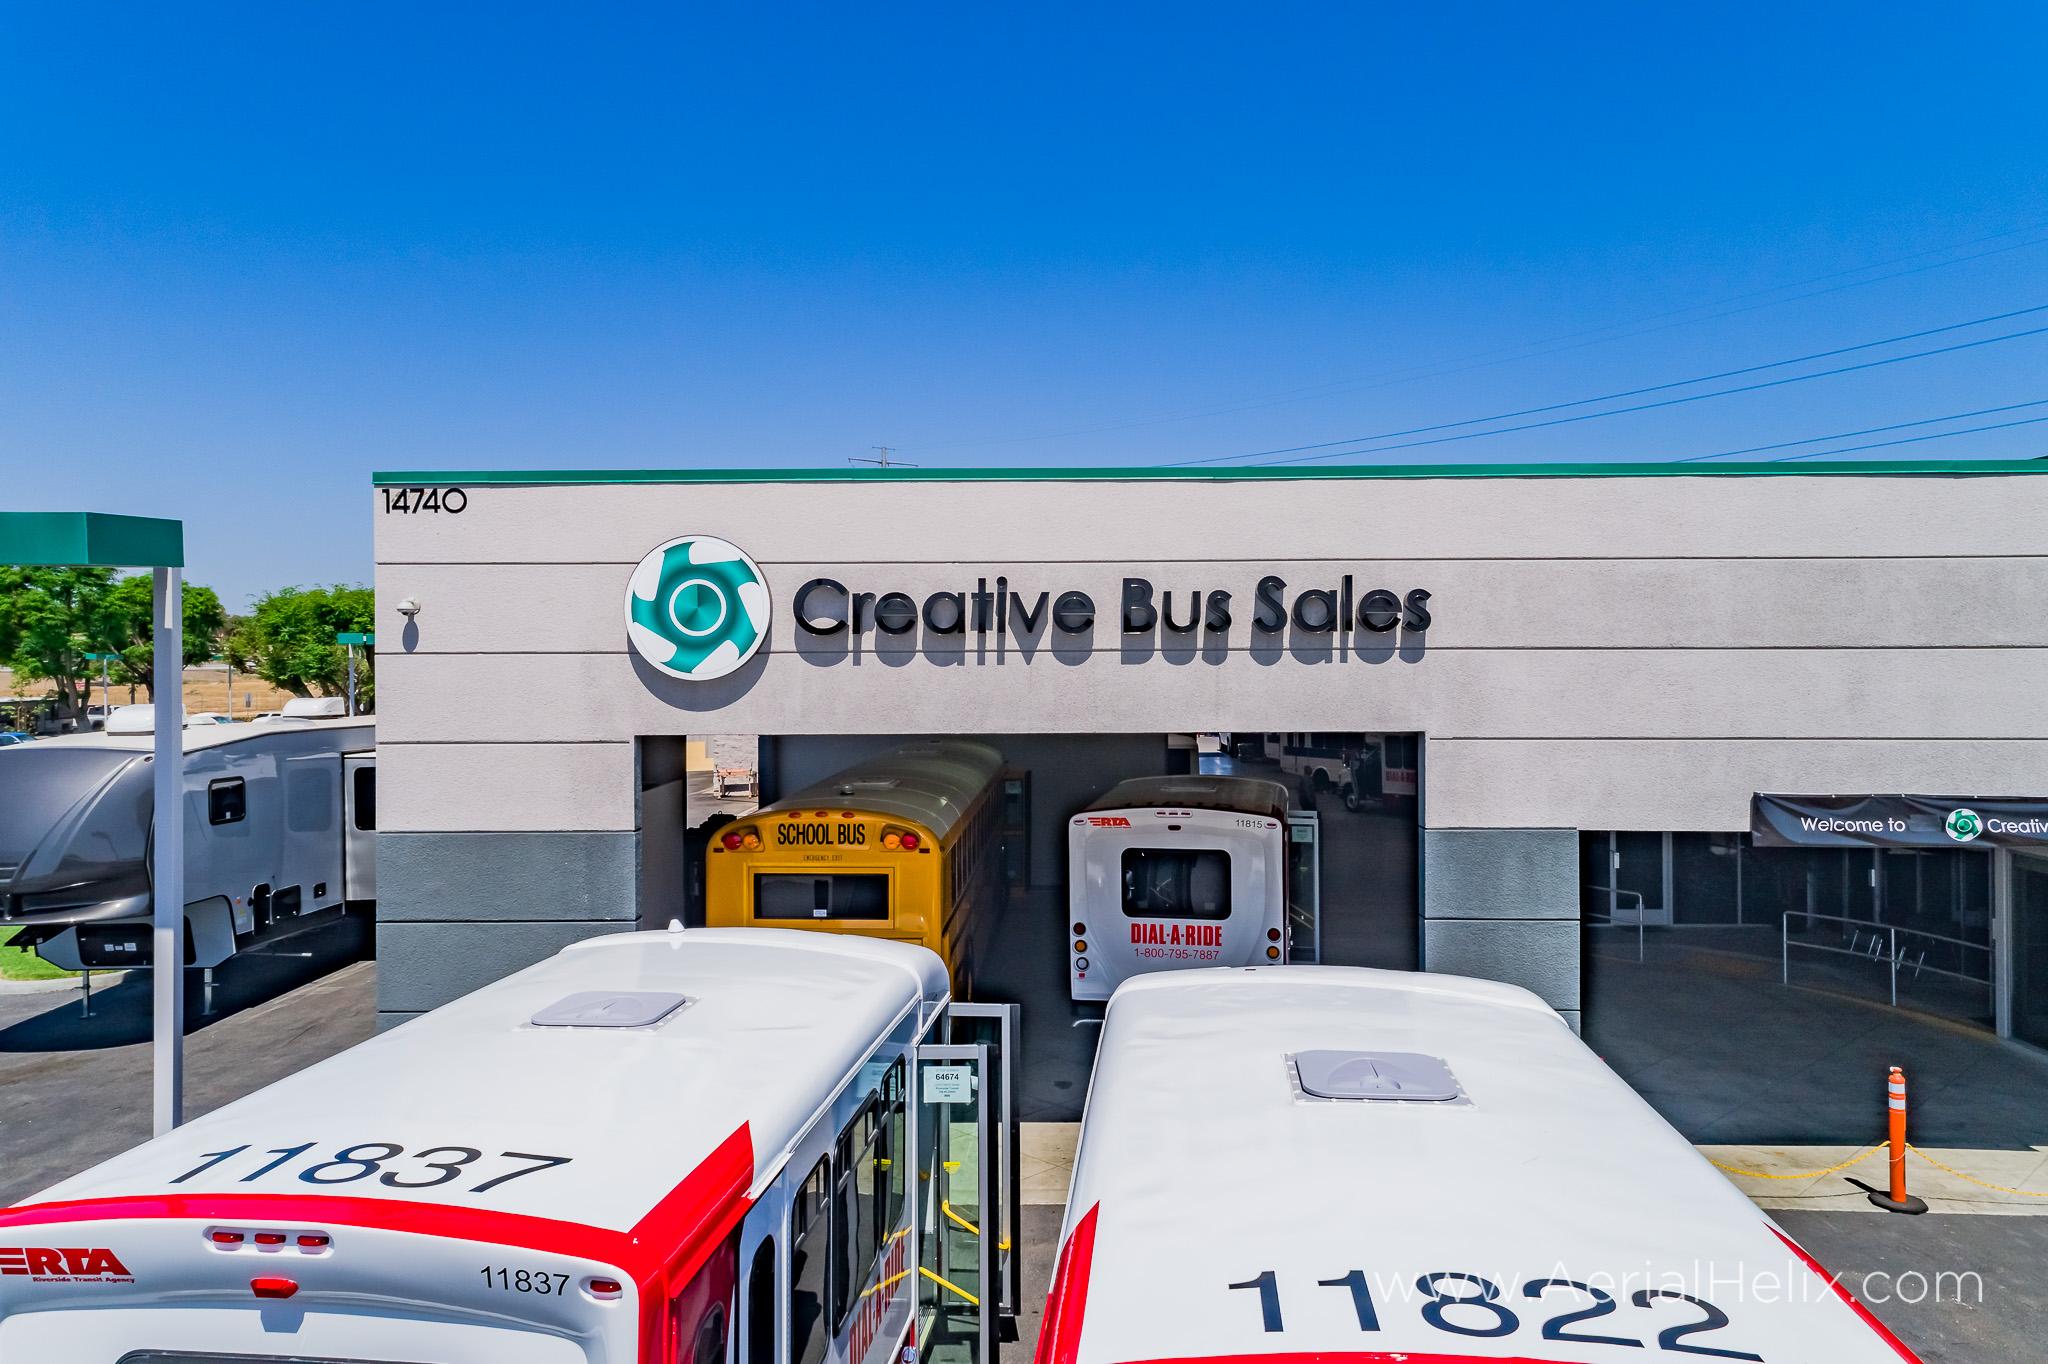 Creative Bus Sales Branded-8.jpg